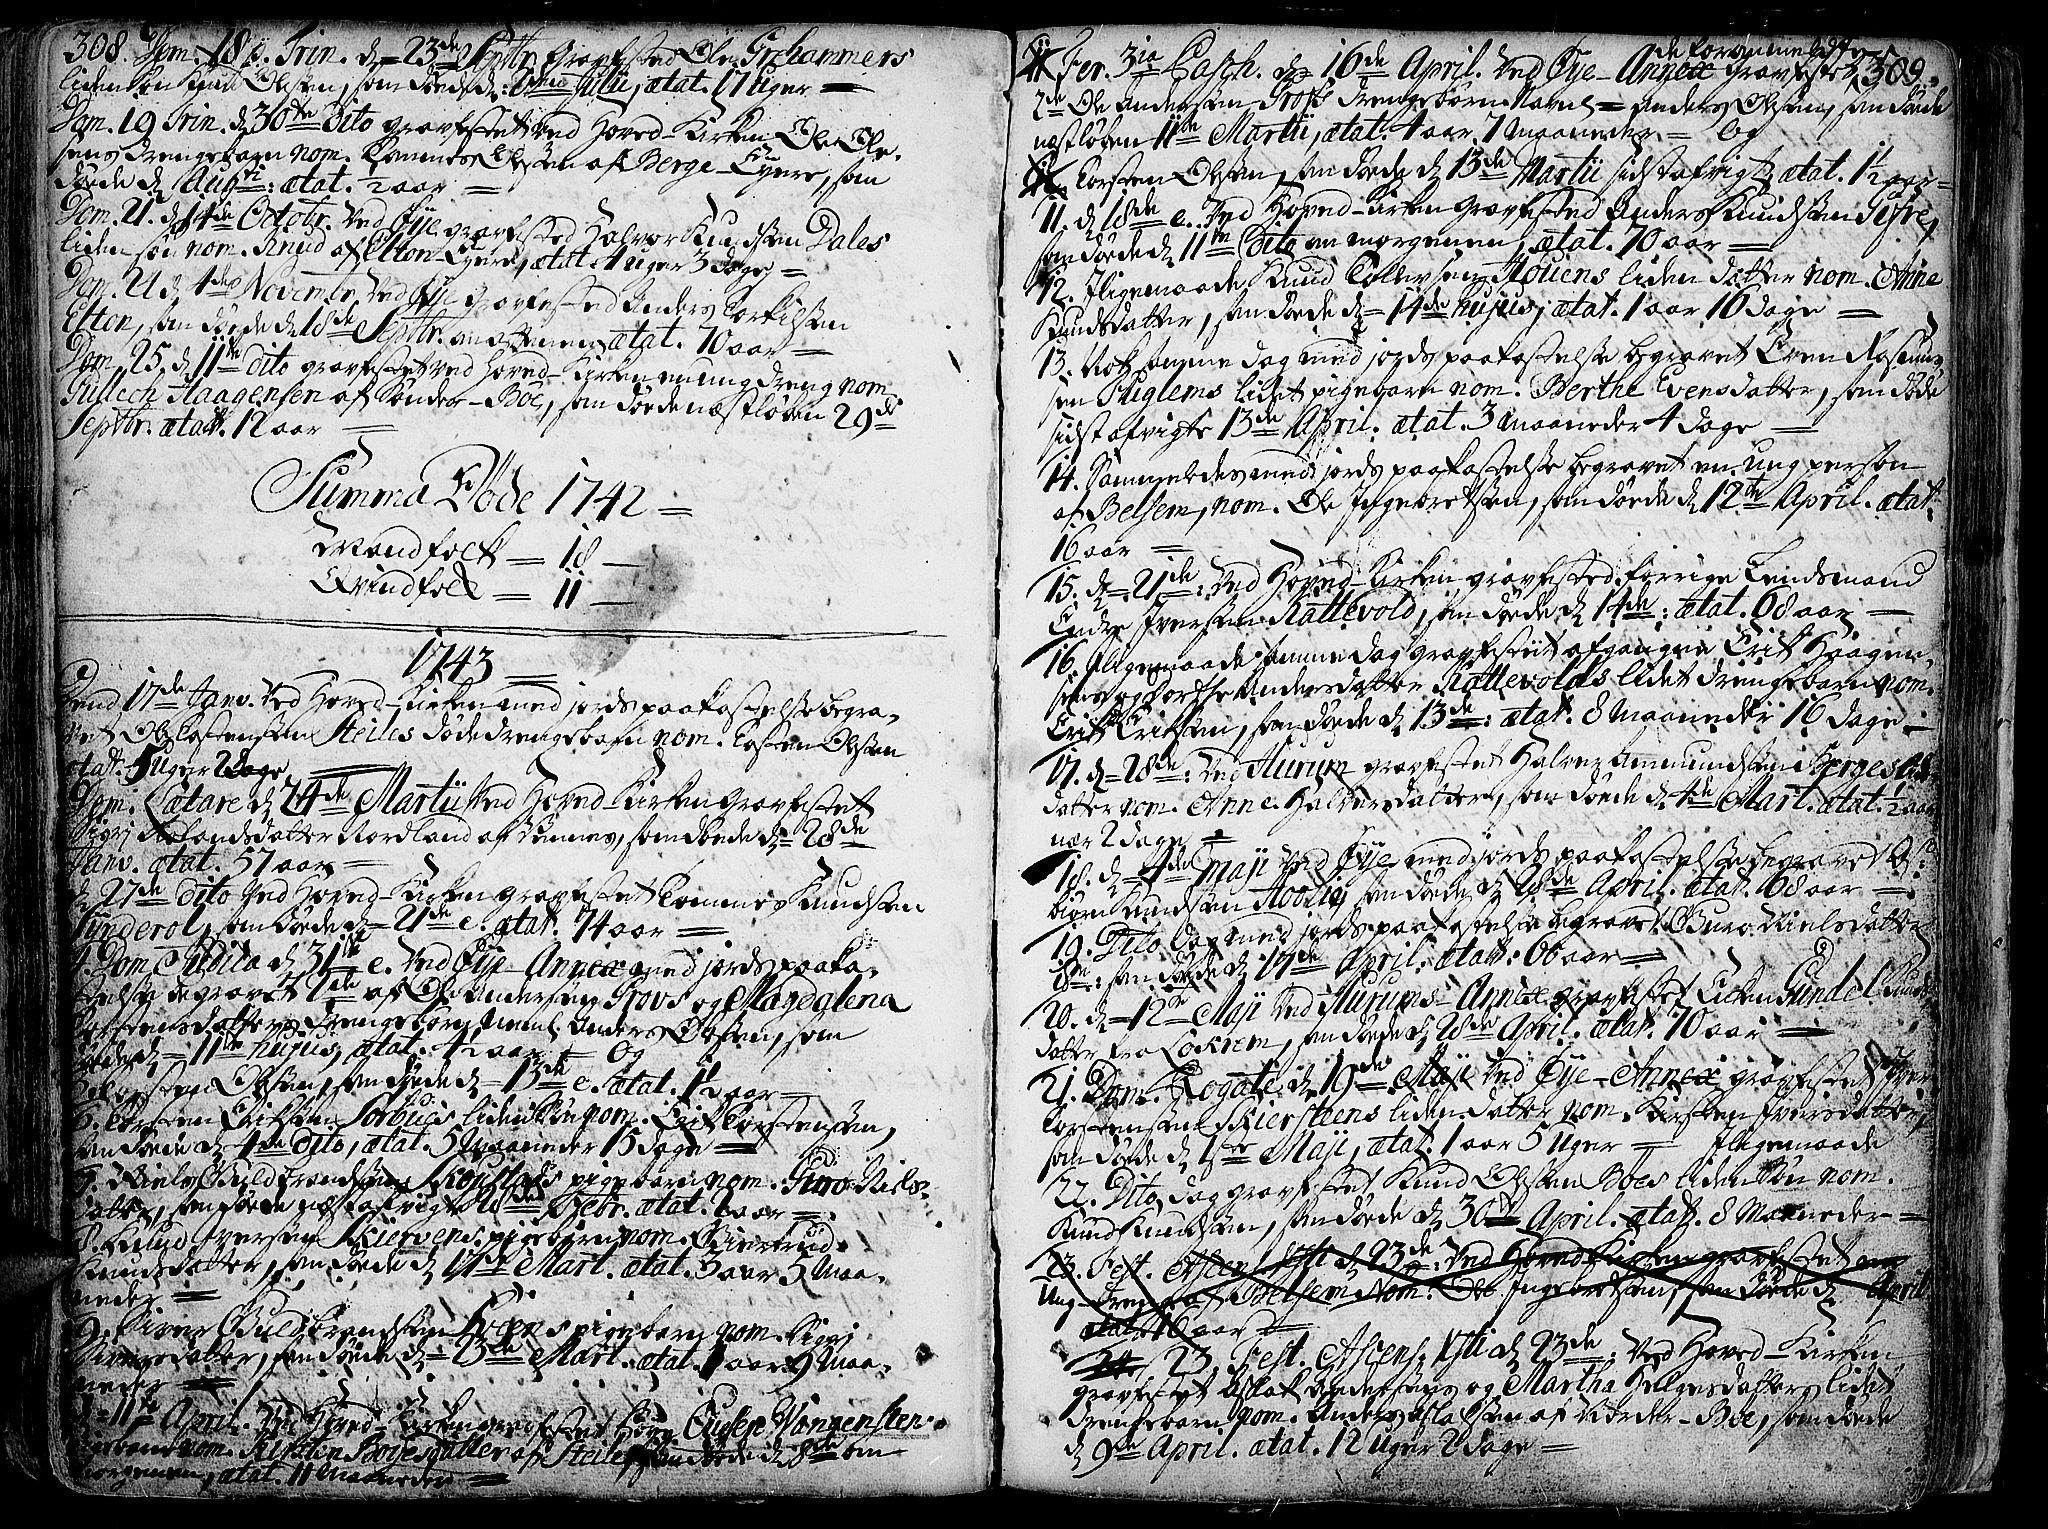 SAH, Vang prestekontor, Valdres, Ministerialbok nr. 1, 1730-1796, s. 308-309